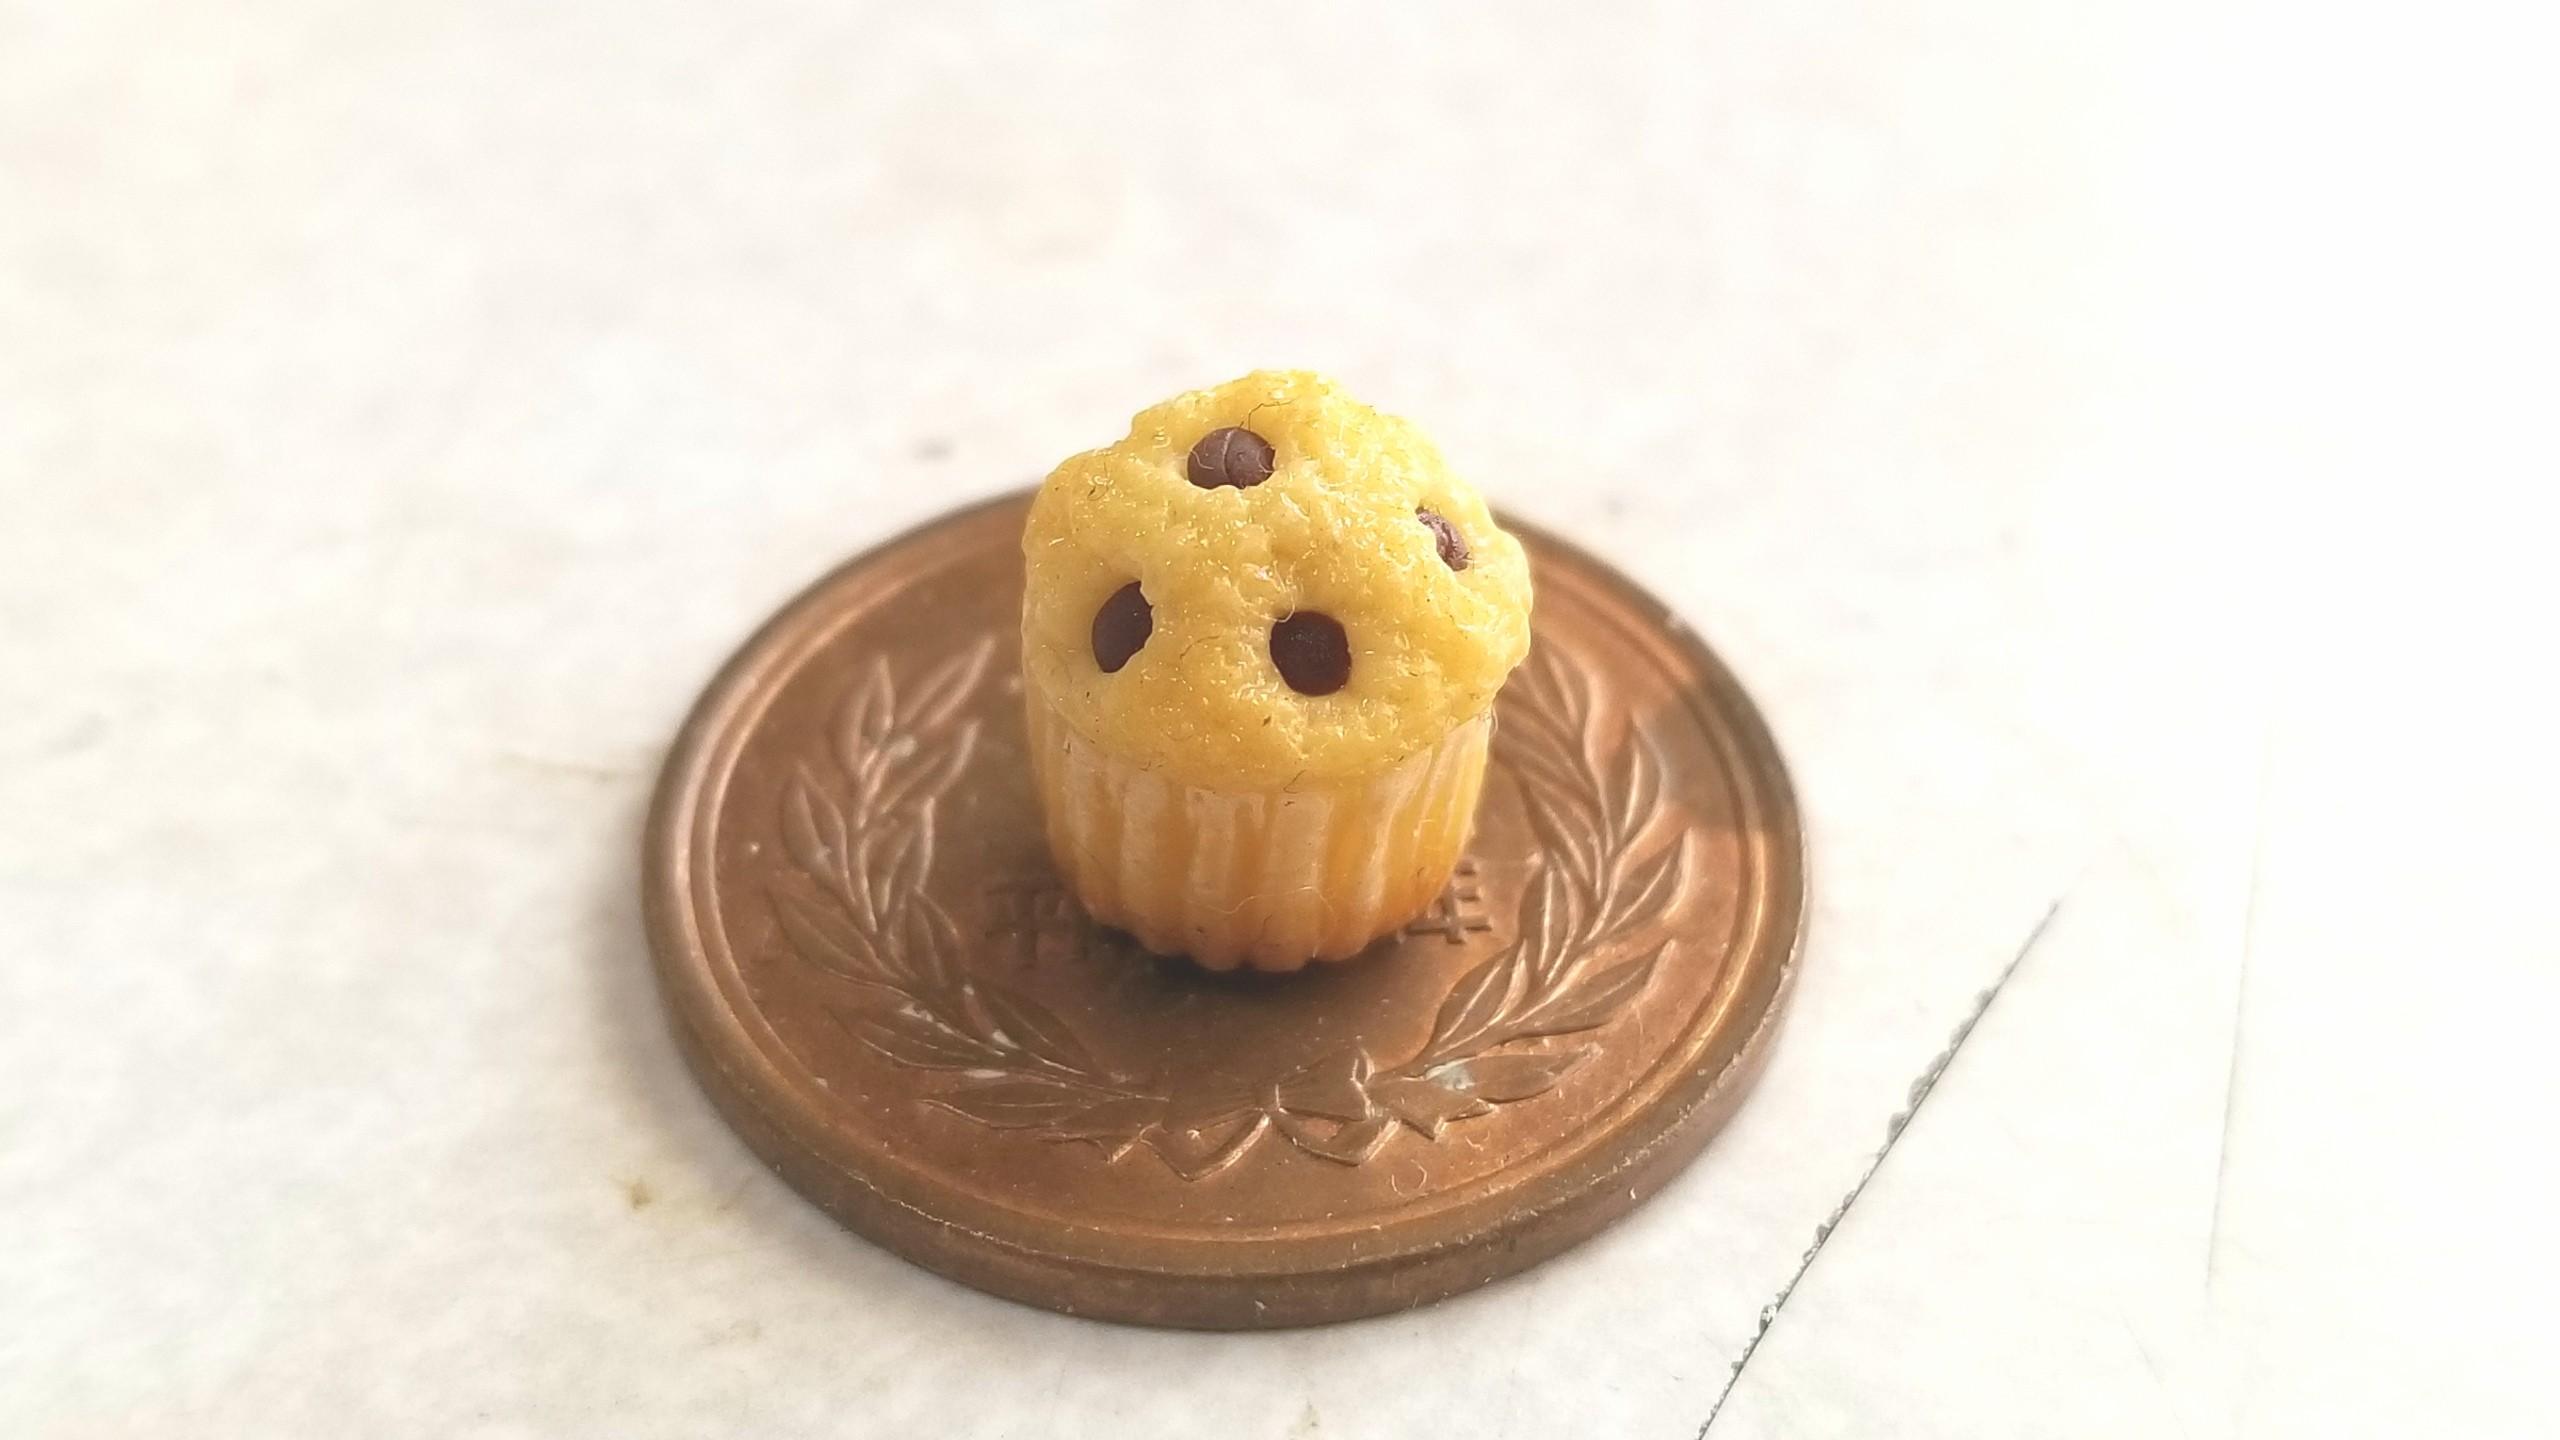 ミニチュアフード,チョコチップマフィン,樹脂粘土,よもぎブログ